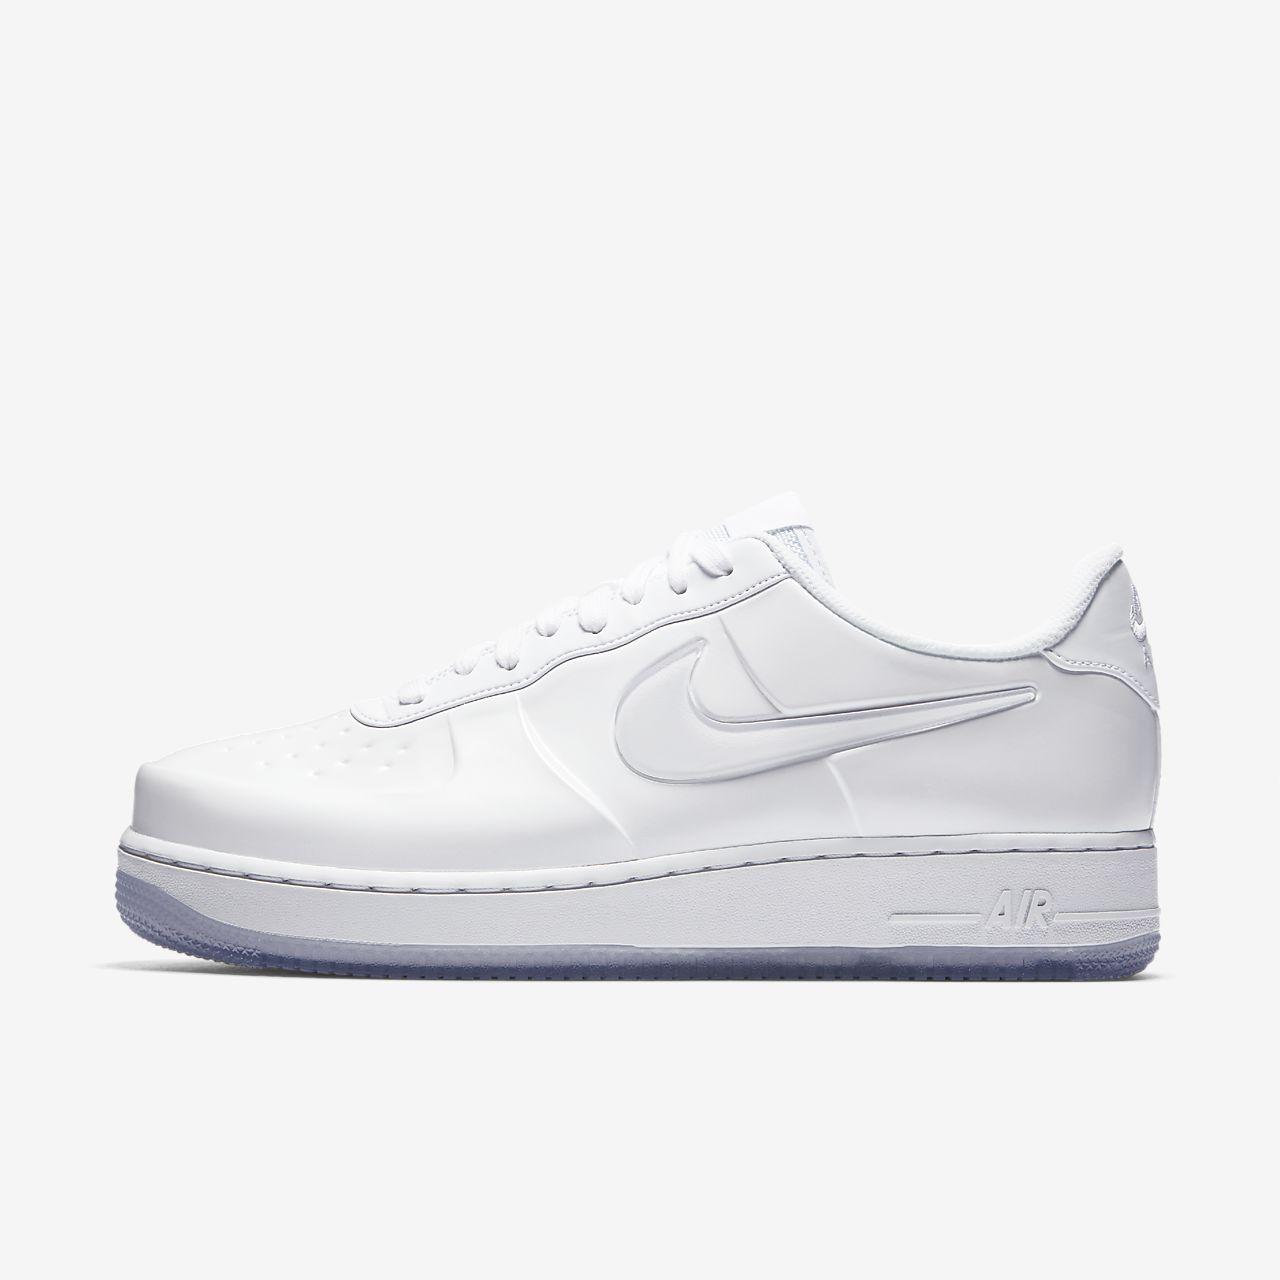 sale retailer eb5e1 e9105 ... Nike Air Force 1 Foamposite Pro Cup-sko til mænd